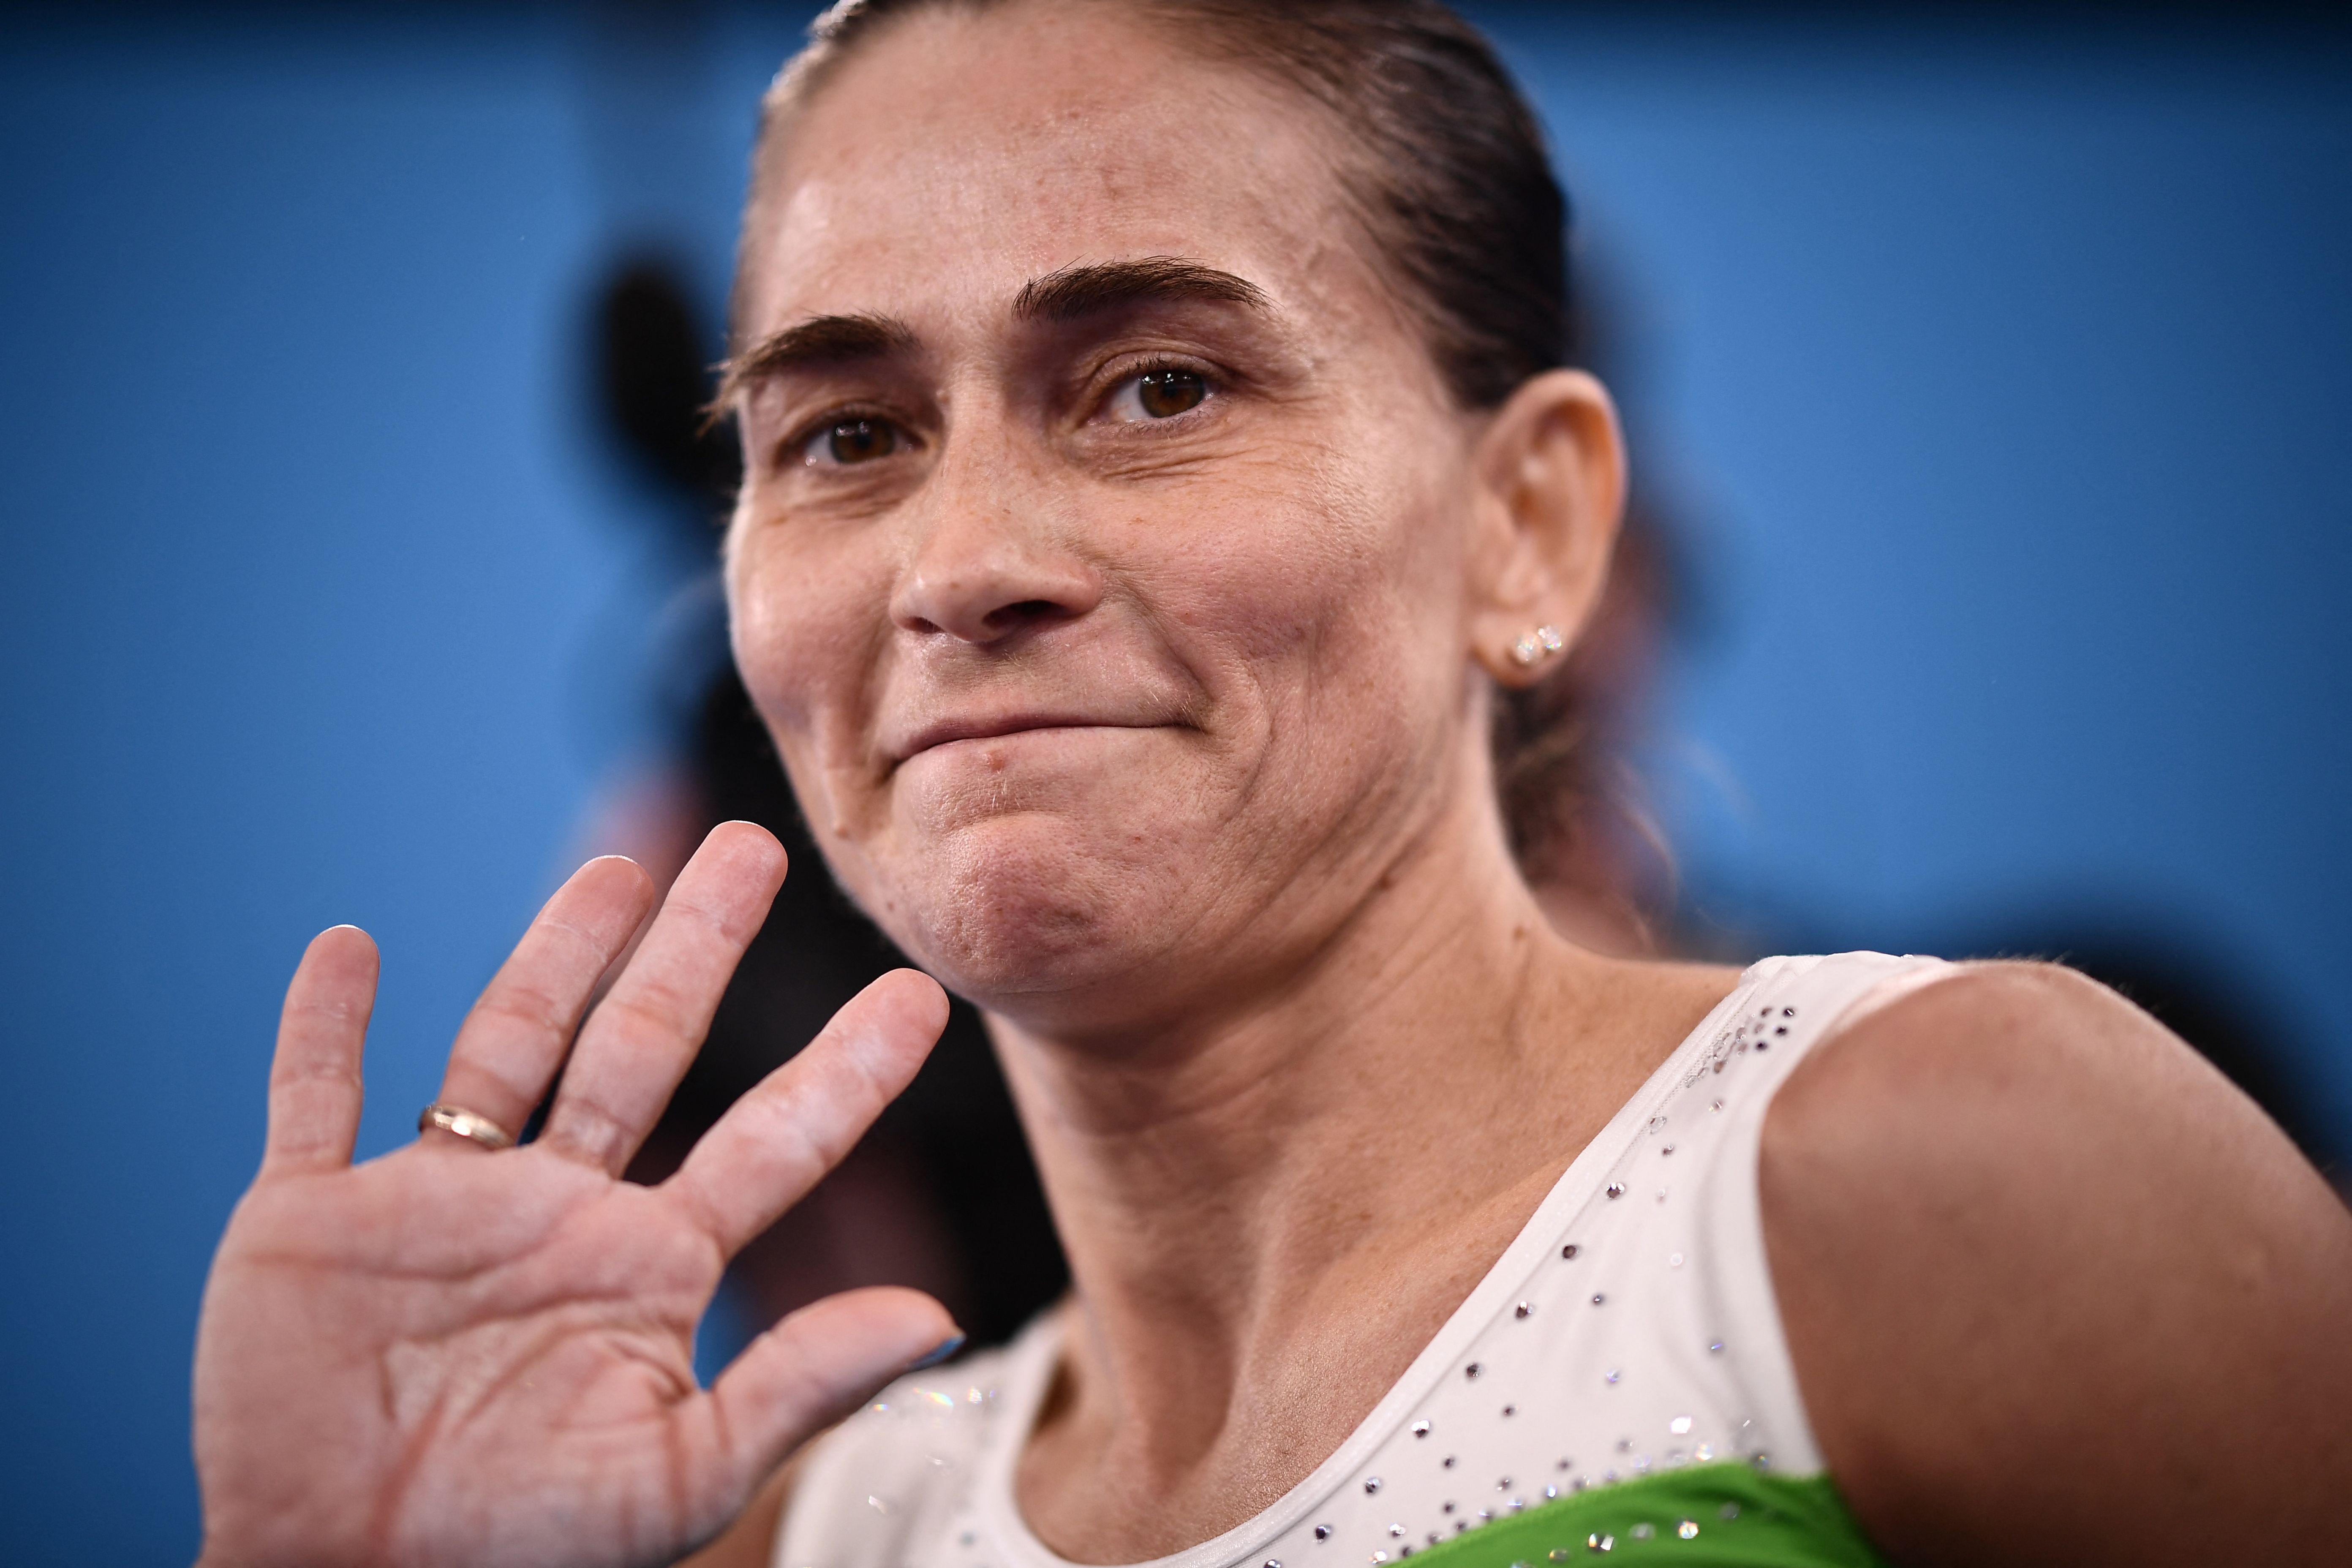 Zo vaak meedoen als je kan, is ook een olympische gedachte. Wat is de top 5 van de opvallendste sporters met de meeste Spelen op hun naam?